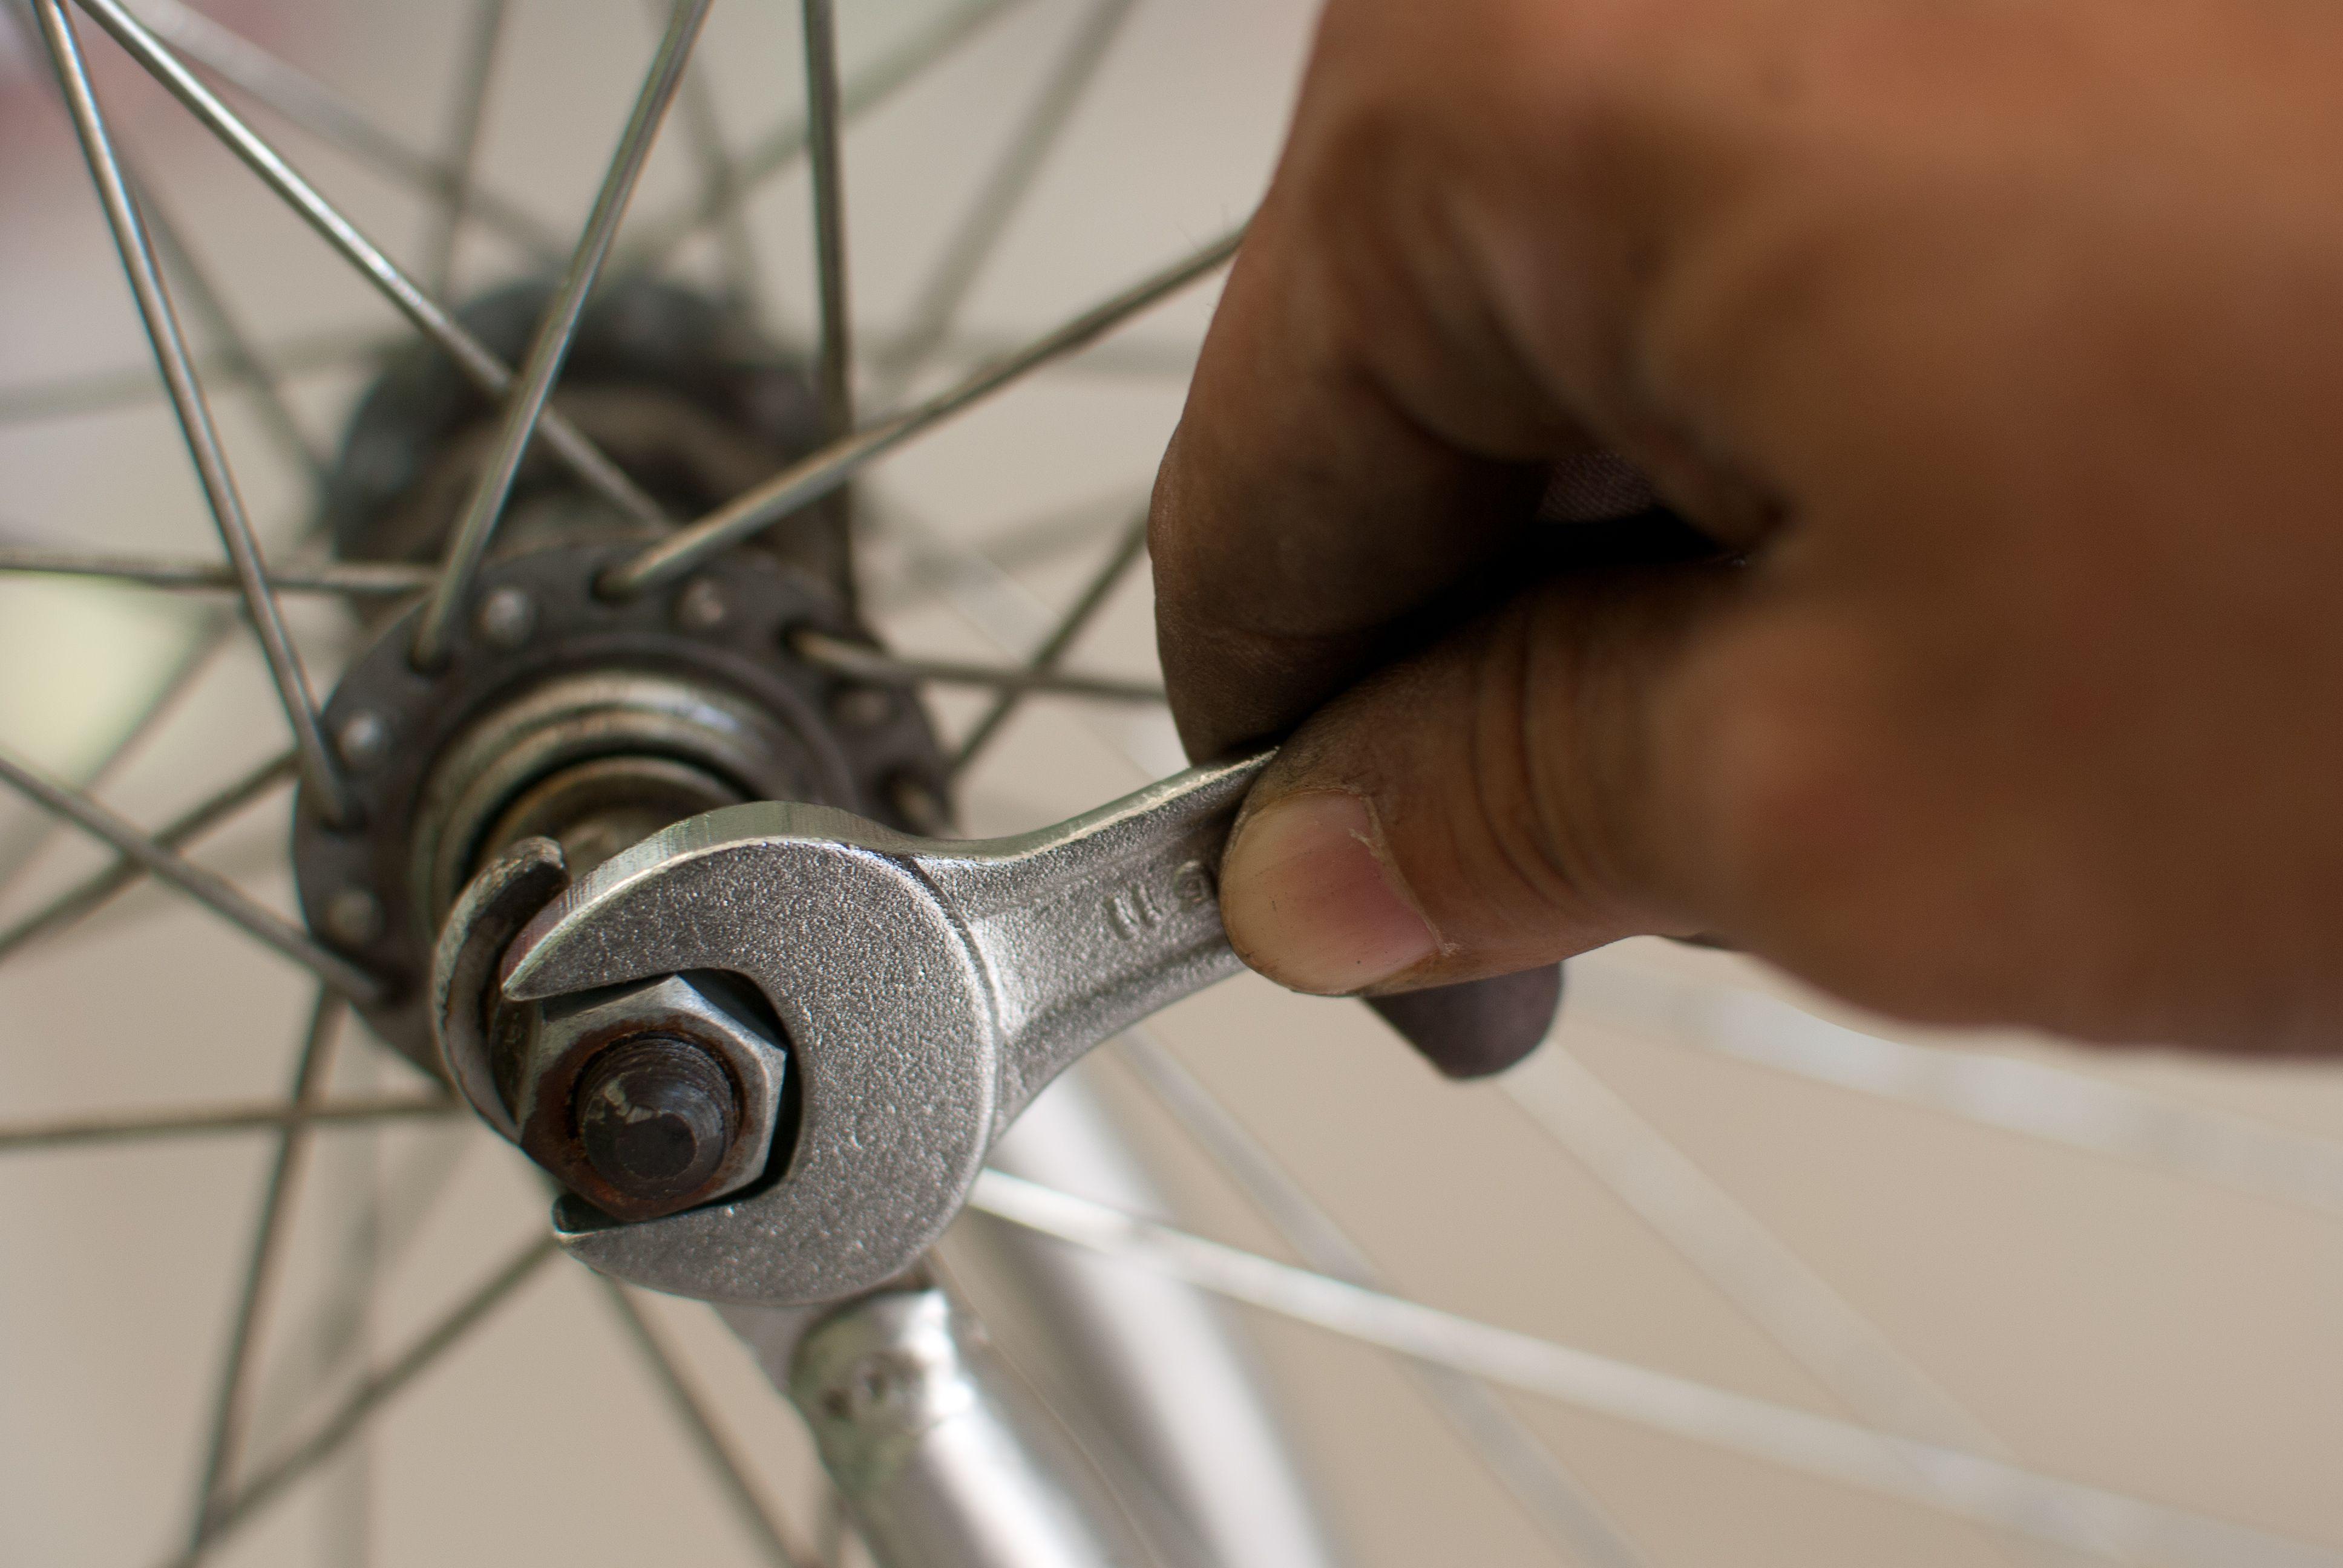 Grease Bicycle Wheel Bearings Bicycle Wheel Bike Wheel Bicycle